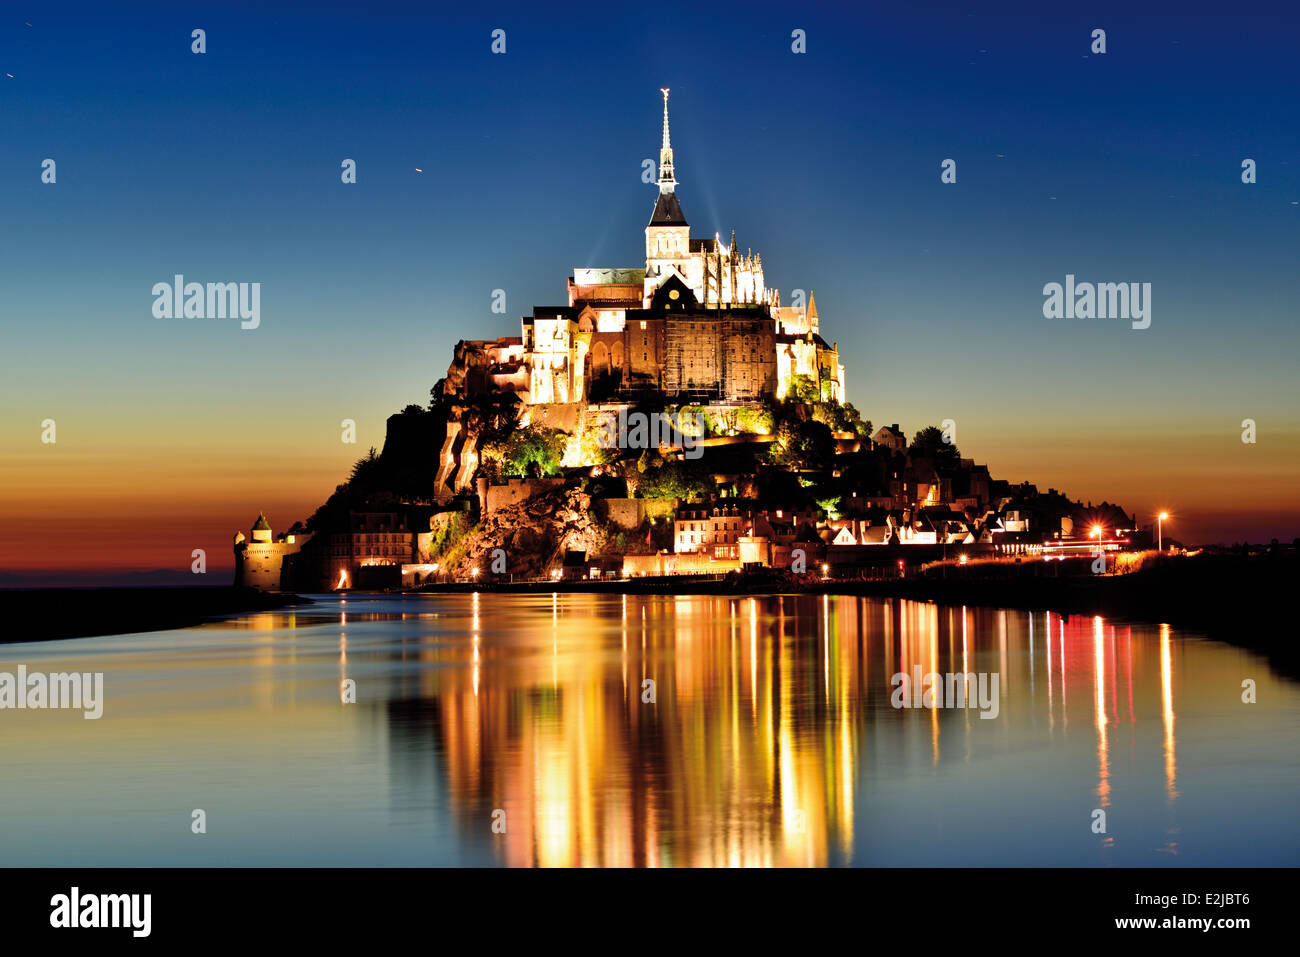 Francia, Normandía: Le Mont Saint Michel por la noche Imagen De Stock